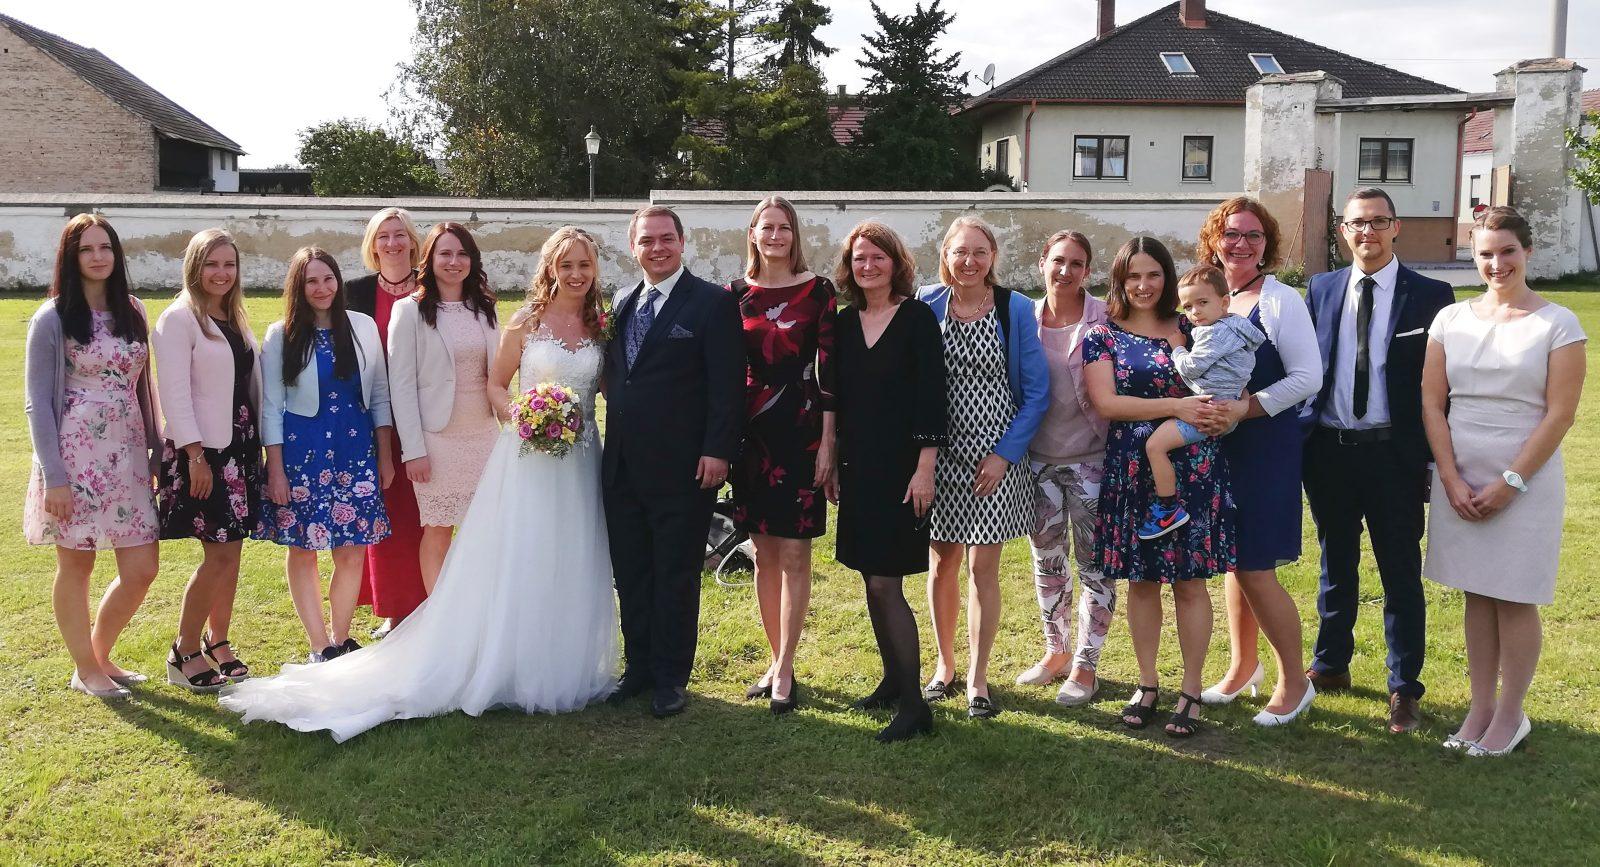 Hochzeit Frass Rath 3 - Unsere Kollegin Teresa Frass hat geheiratet